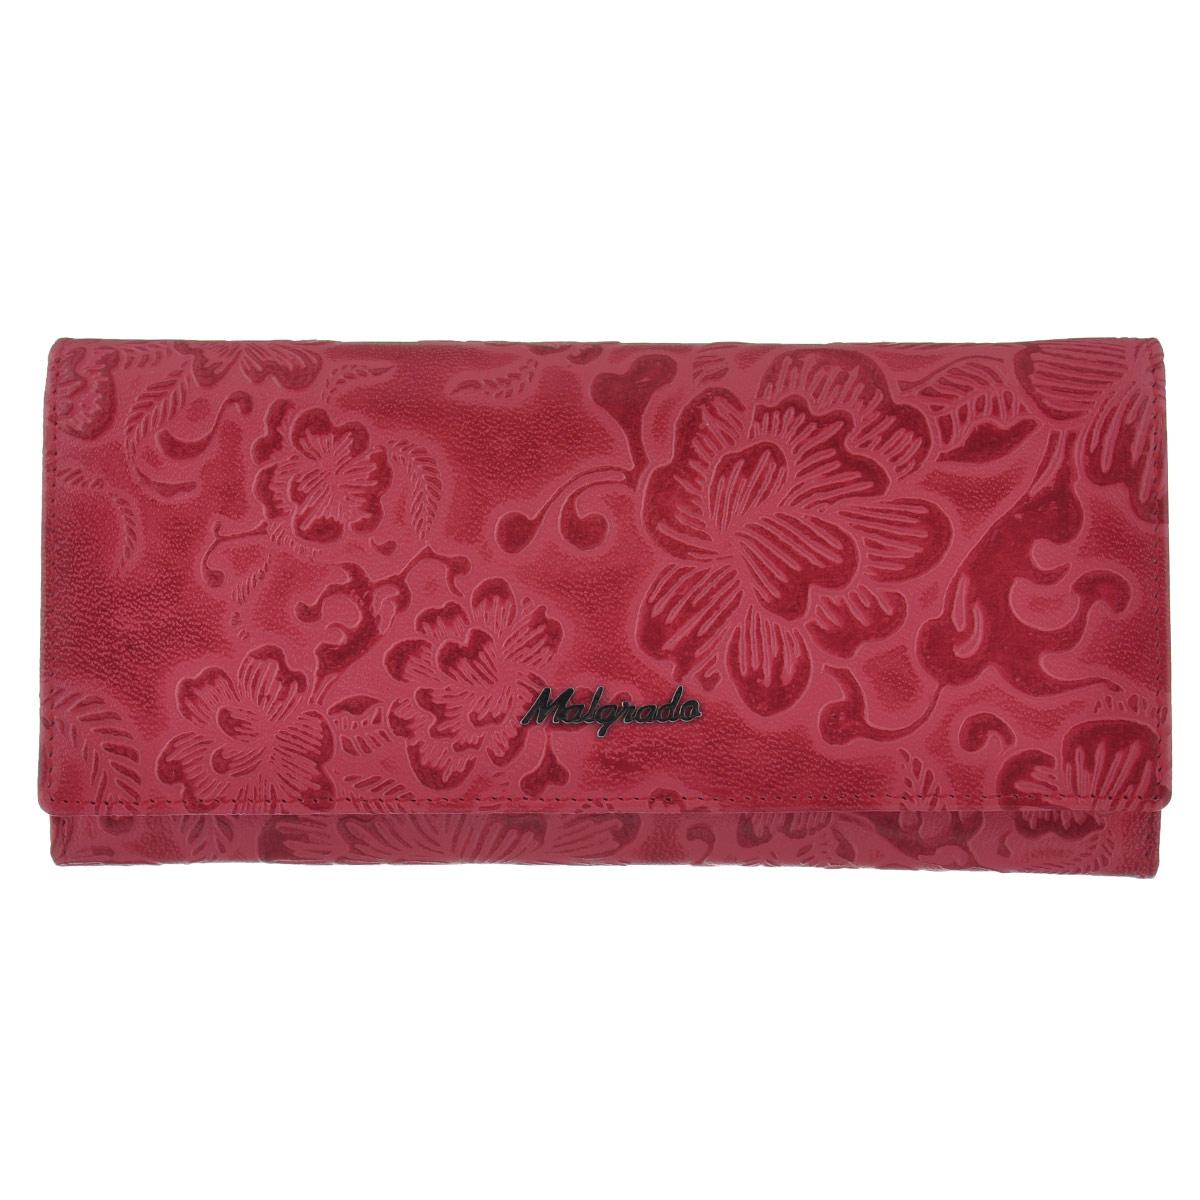 Кошелек женский Malgrado, цвет: красно-розовый. 72076-1820272076-18202# RedСтильный кошелек Malgrado изготовлен из высококачественной натуральной кожи с тиснением в виде цветочного орнамента. Лицевая сторона оформлена гравировкой в виде названия бренда. Изделие закрывается широким клапаном на застежку-кнопку. Внутри расположены три отделения для купюр, два кармана на застежке-молнии, девять кармашков для визиток и кредитных карт (один из них с прозрачным окошком из мягкого пластика), три потайных кармана, два горизонтальных кармана для бумаг. На тыльной стороне изделия расположен прорезной карман на застежке-молнии. Кошелек упакован в подарочную металлическую коробку синего цвета с логотипом фирмы. Стильный кошелек не оставит равнодушной ни одну представительницу прекрасной половины человечества.